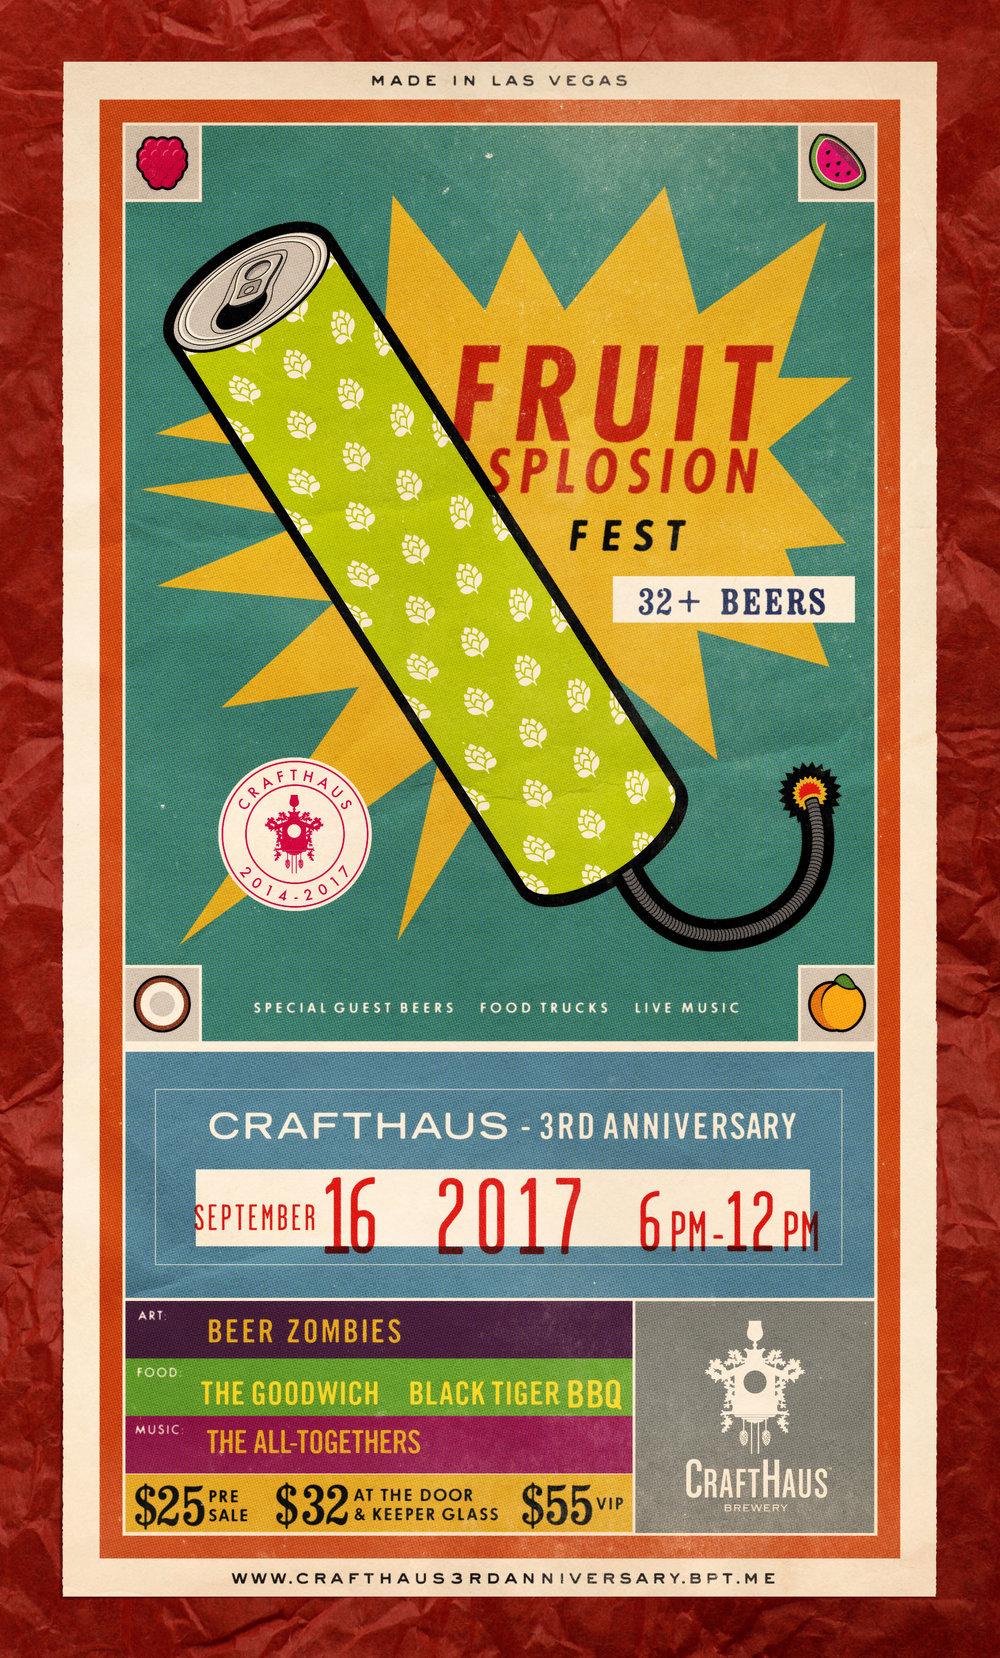 Crafthaus_FruitsplosionFest_073117_200ppi.jpg